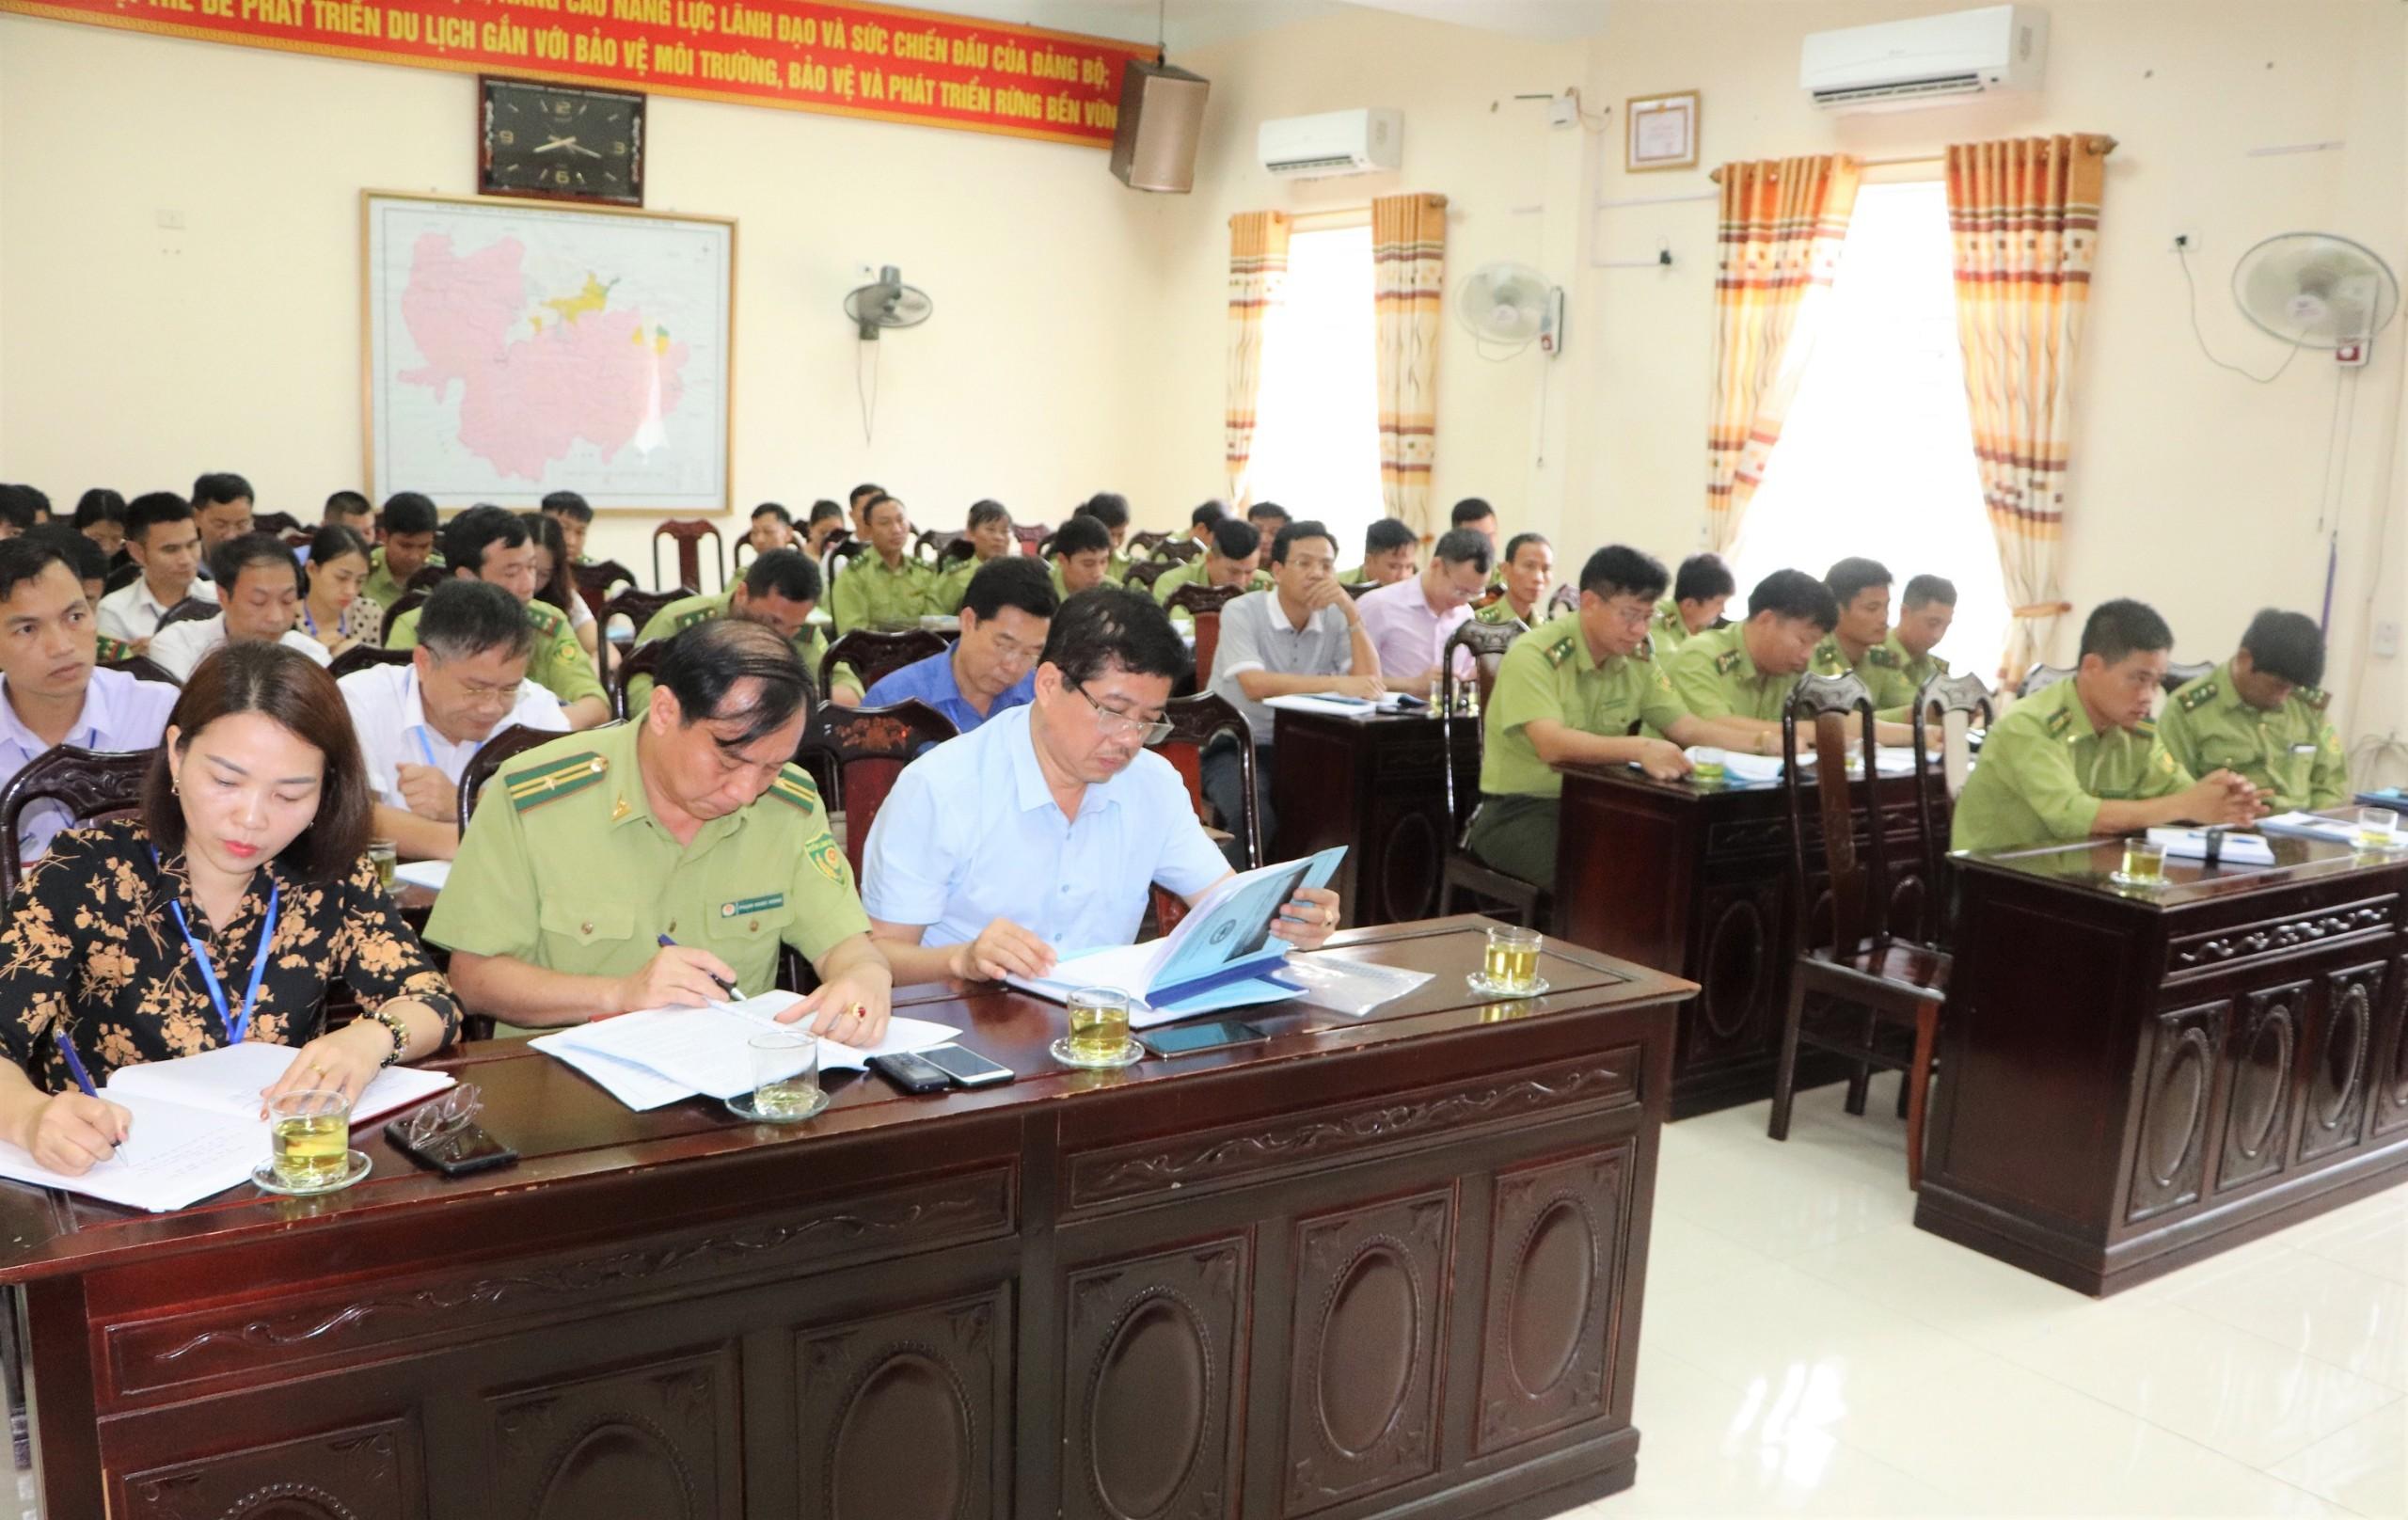 Vườn Quốc gia Vũ Quang tổ chức thành công Hội nghị tổng kết công tác Bảo vệ rừng PCCCR năm 2020 và Triển khai nhiệm vụ năm 2021